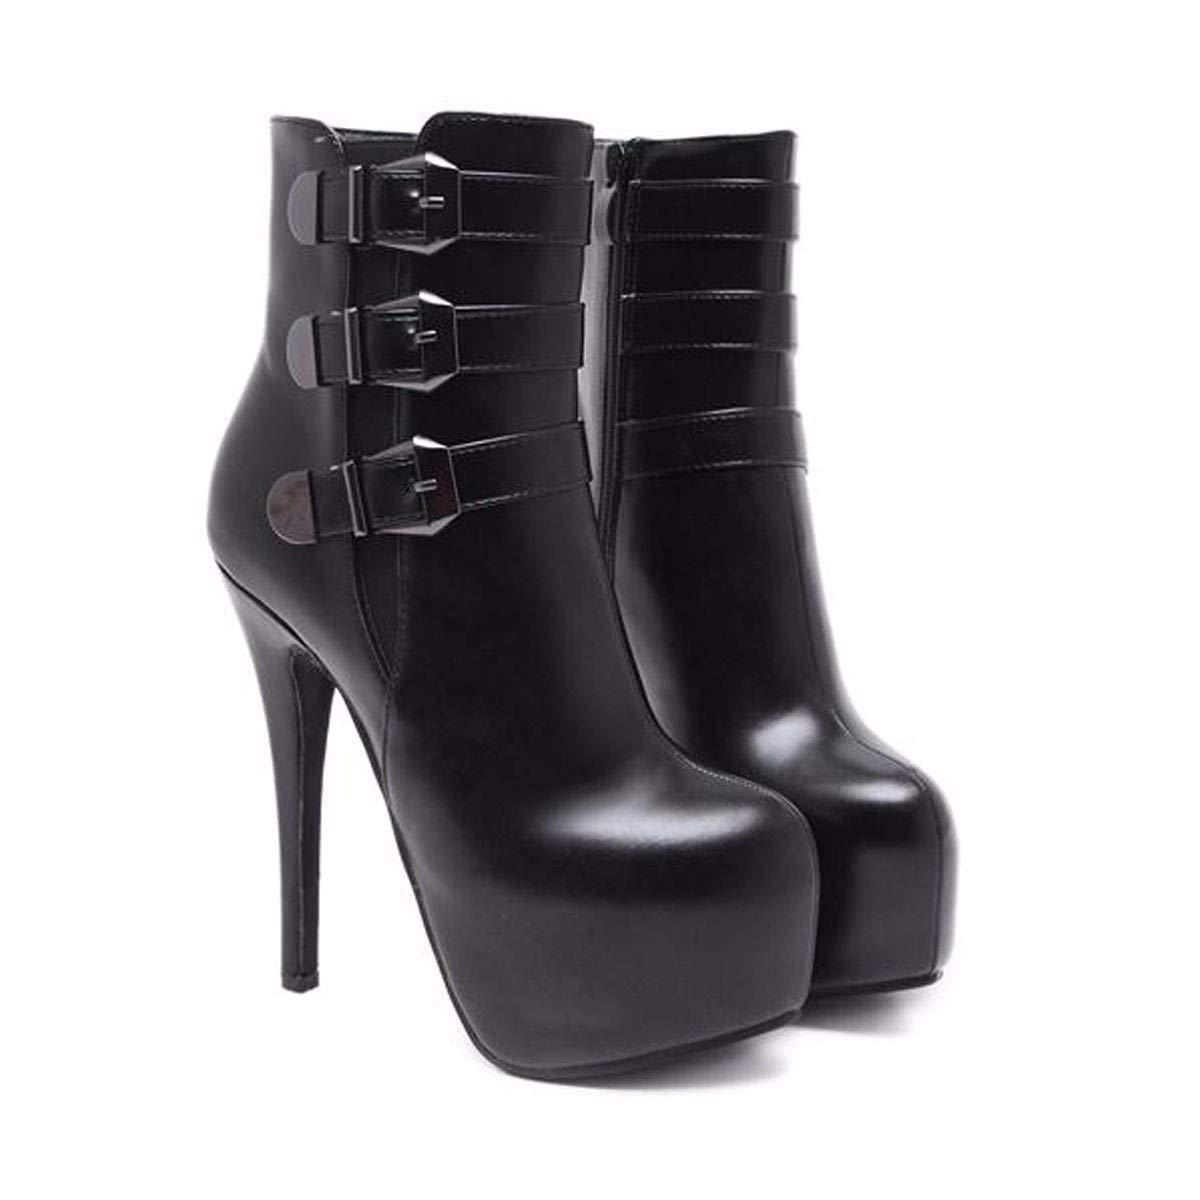 HBDLH Damenschuhe Mode Persönlichkeit Mit 14 cm Hoch Mehrreihiger Metall Gürtel High - Heel Dünne Sohle Runden Kopf Kurze Stiefel.